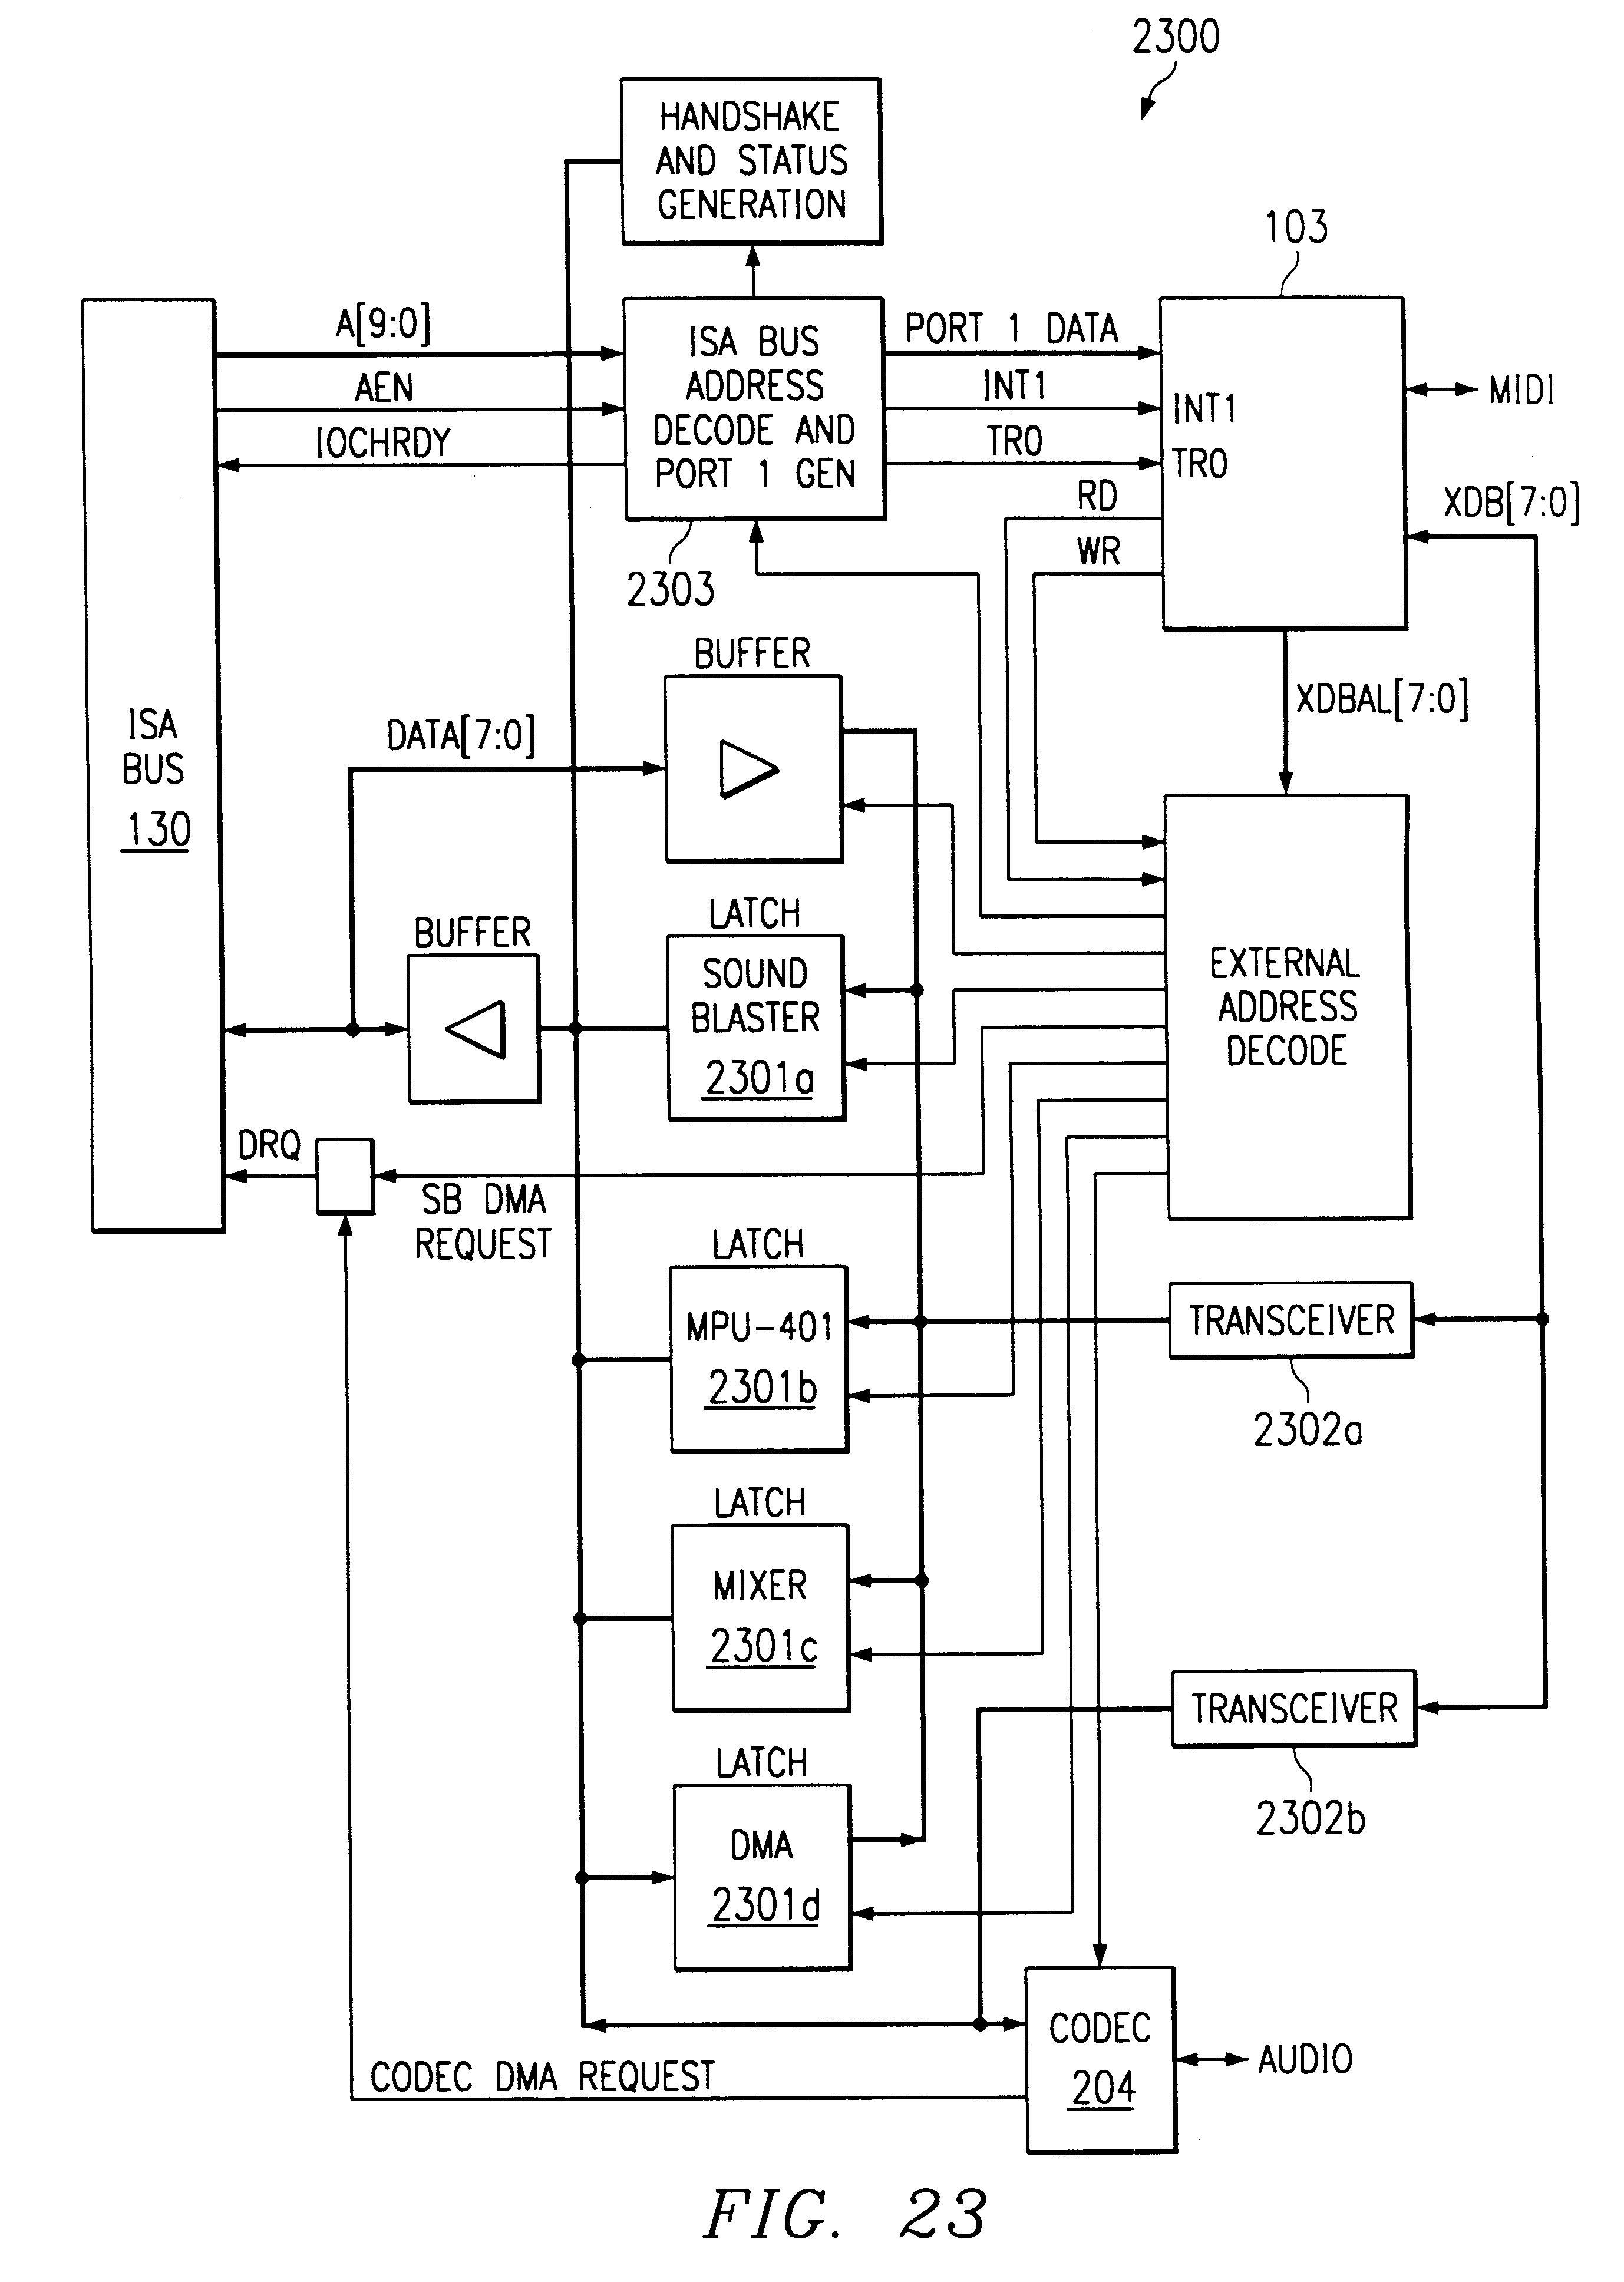 ZL_6445] 1954 Dodge Wiring Diagram Free Picture SchematicIttab Oxyt Bocep Vira Phae Mohammedshrine Librar Wiring 101